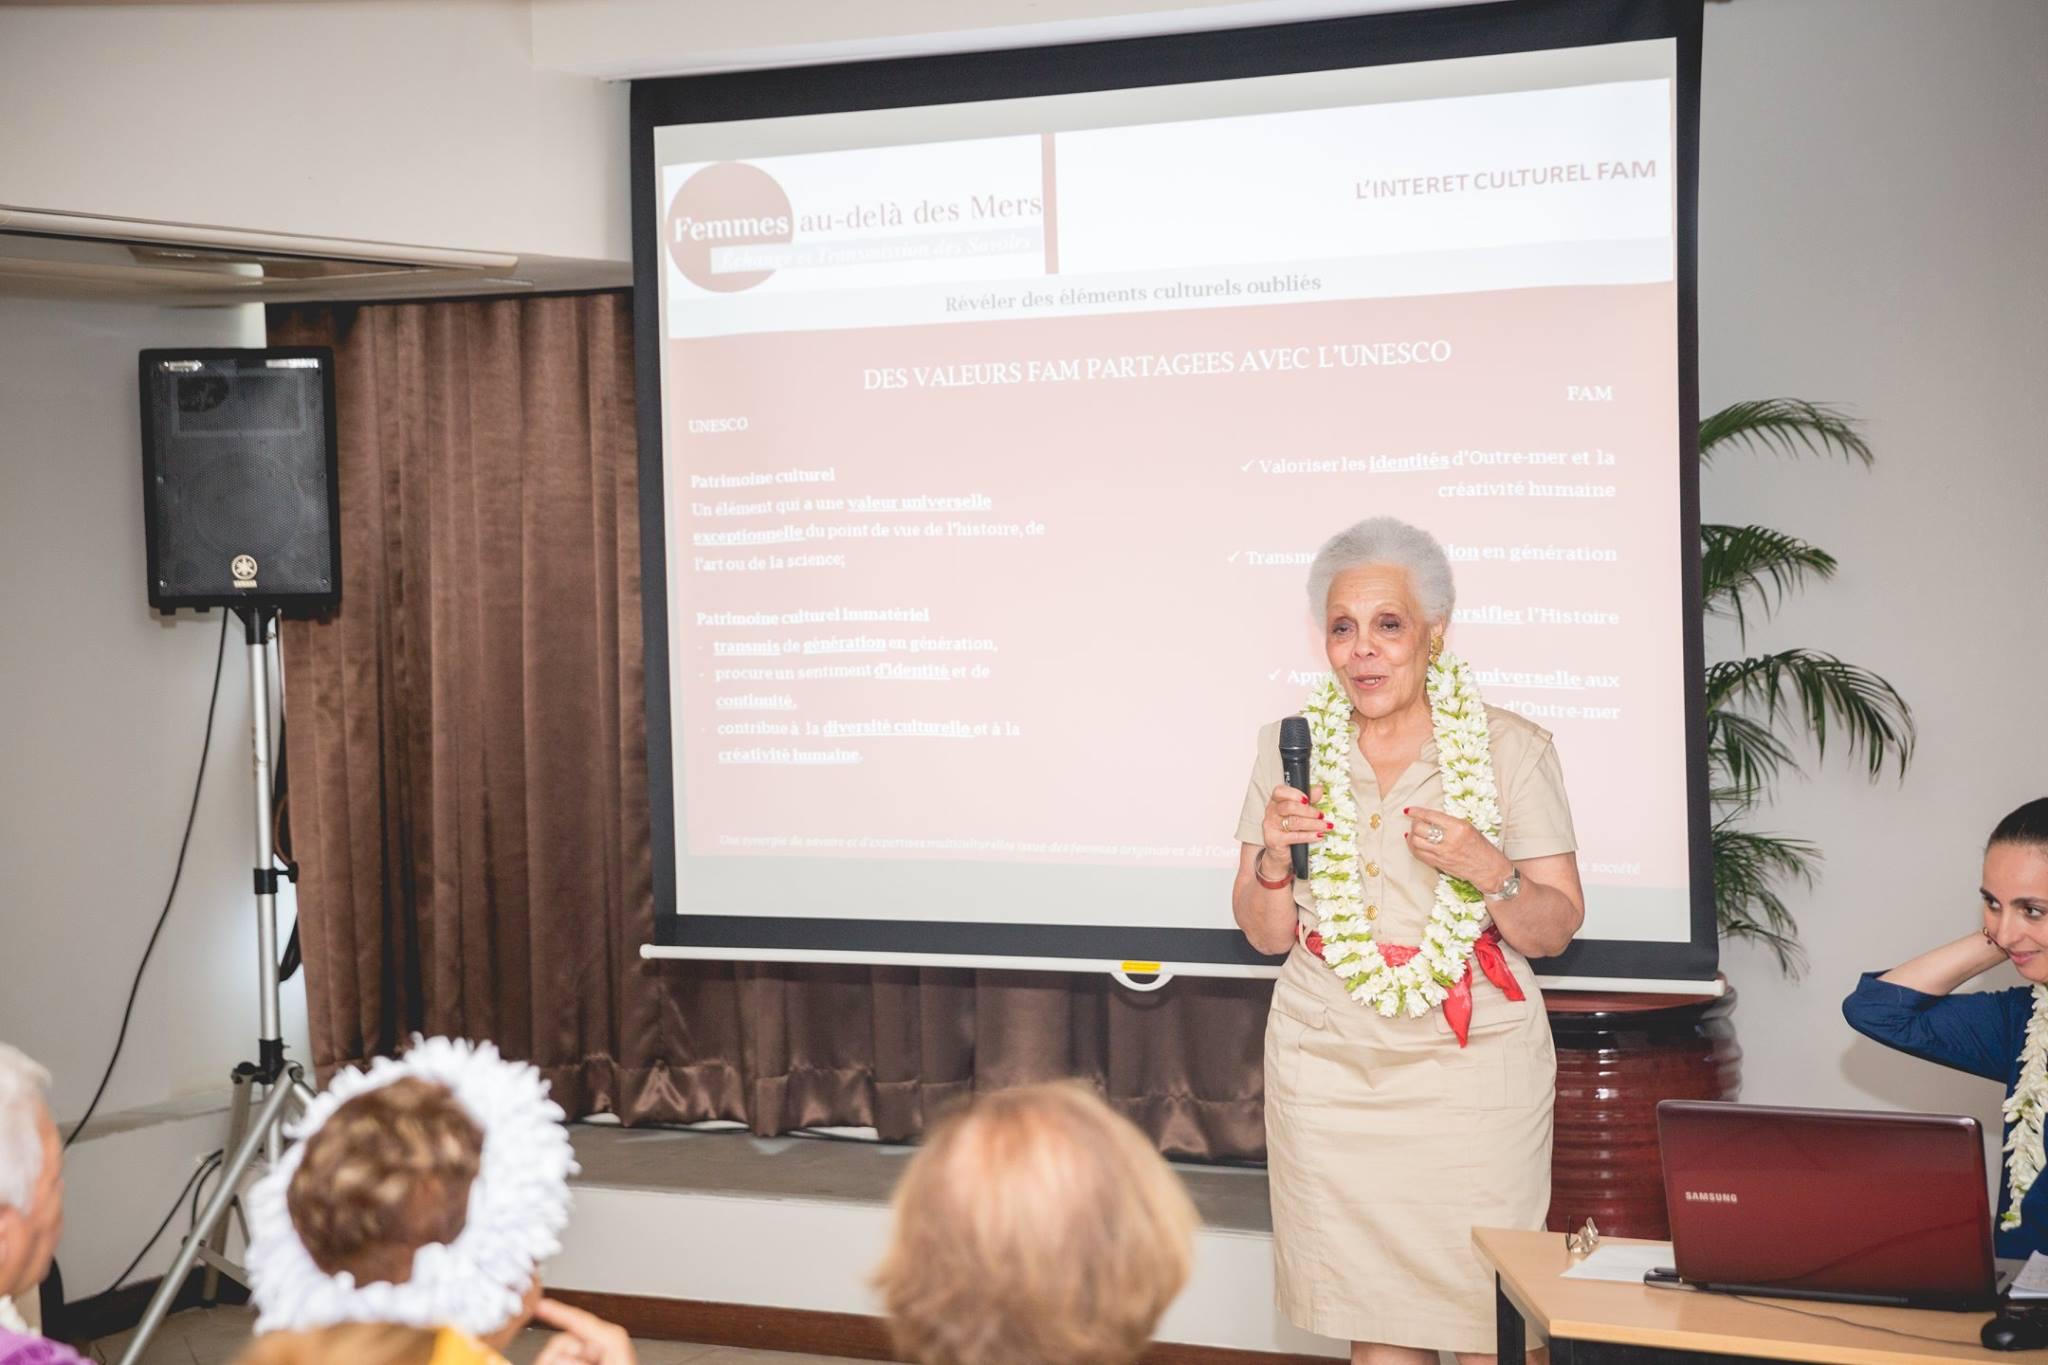 Gisèle Bourquin, originaire de Martinique, souhaite mettre en avant les savoirs des femmes ultramarines.